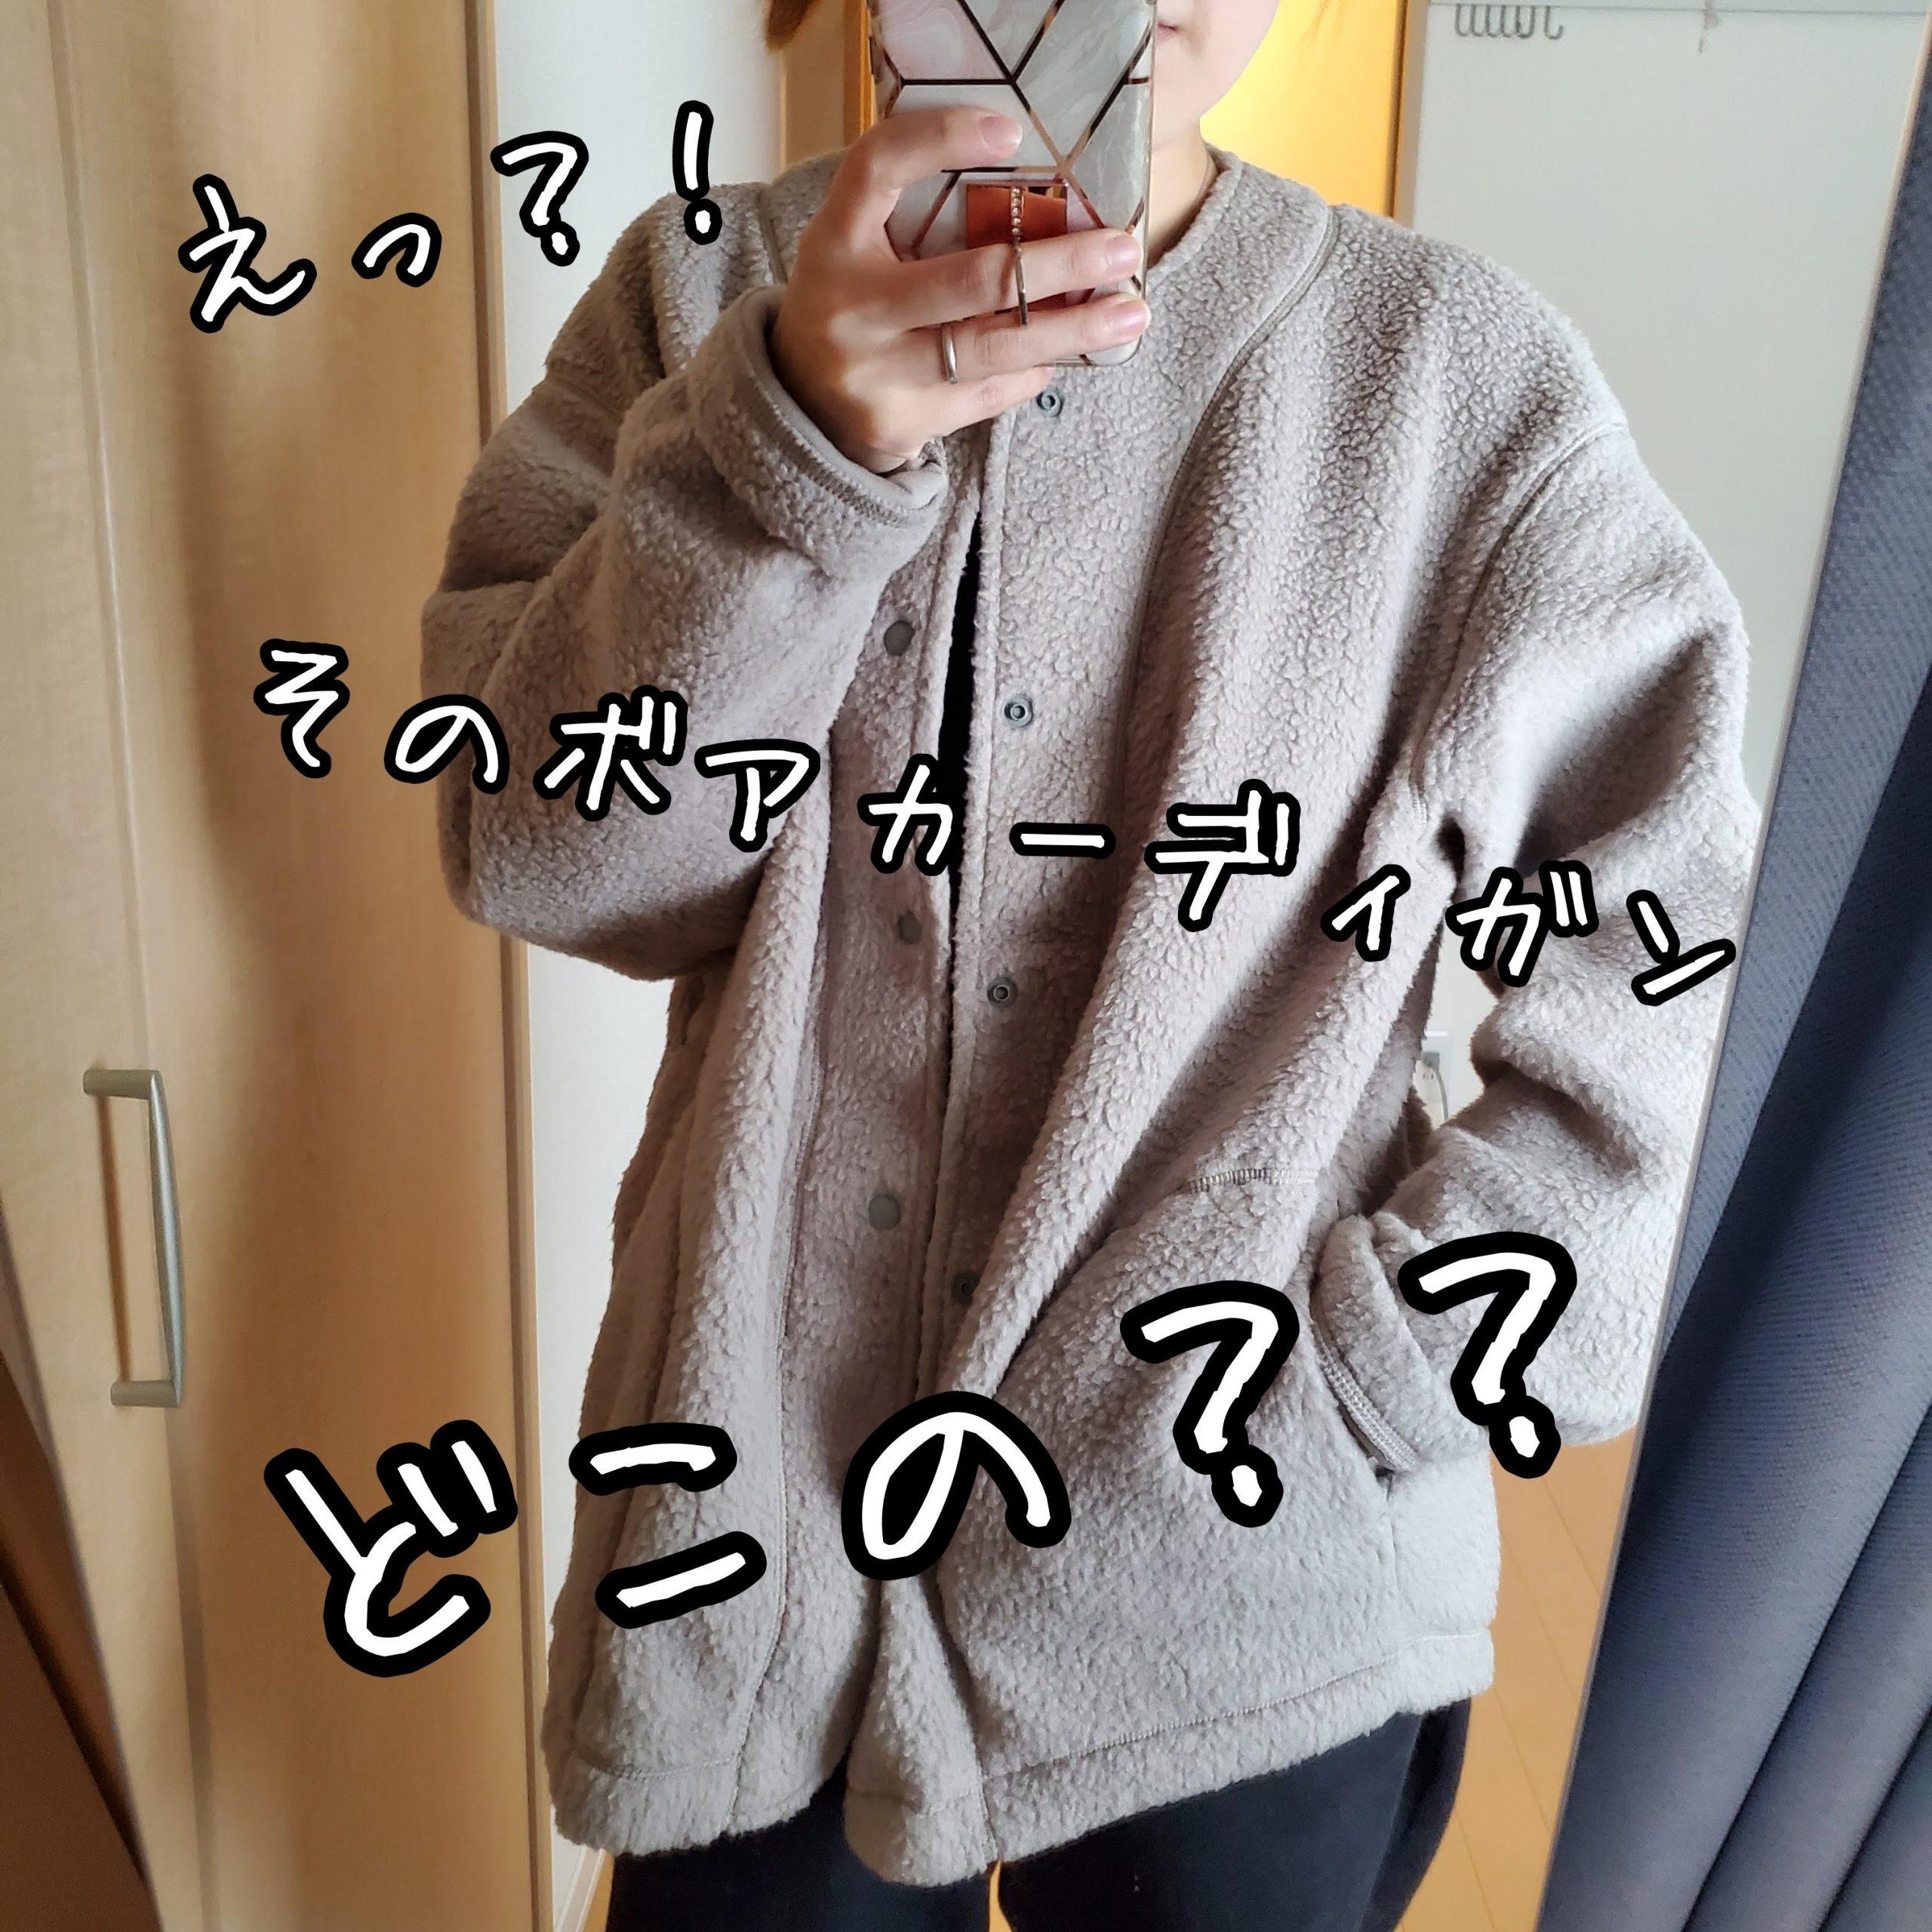 おすすめ商品&全身しまむらコーデ!!!